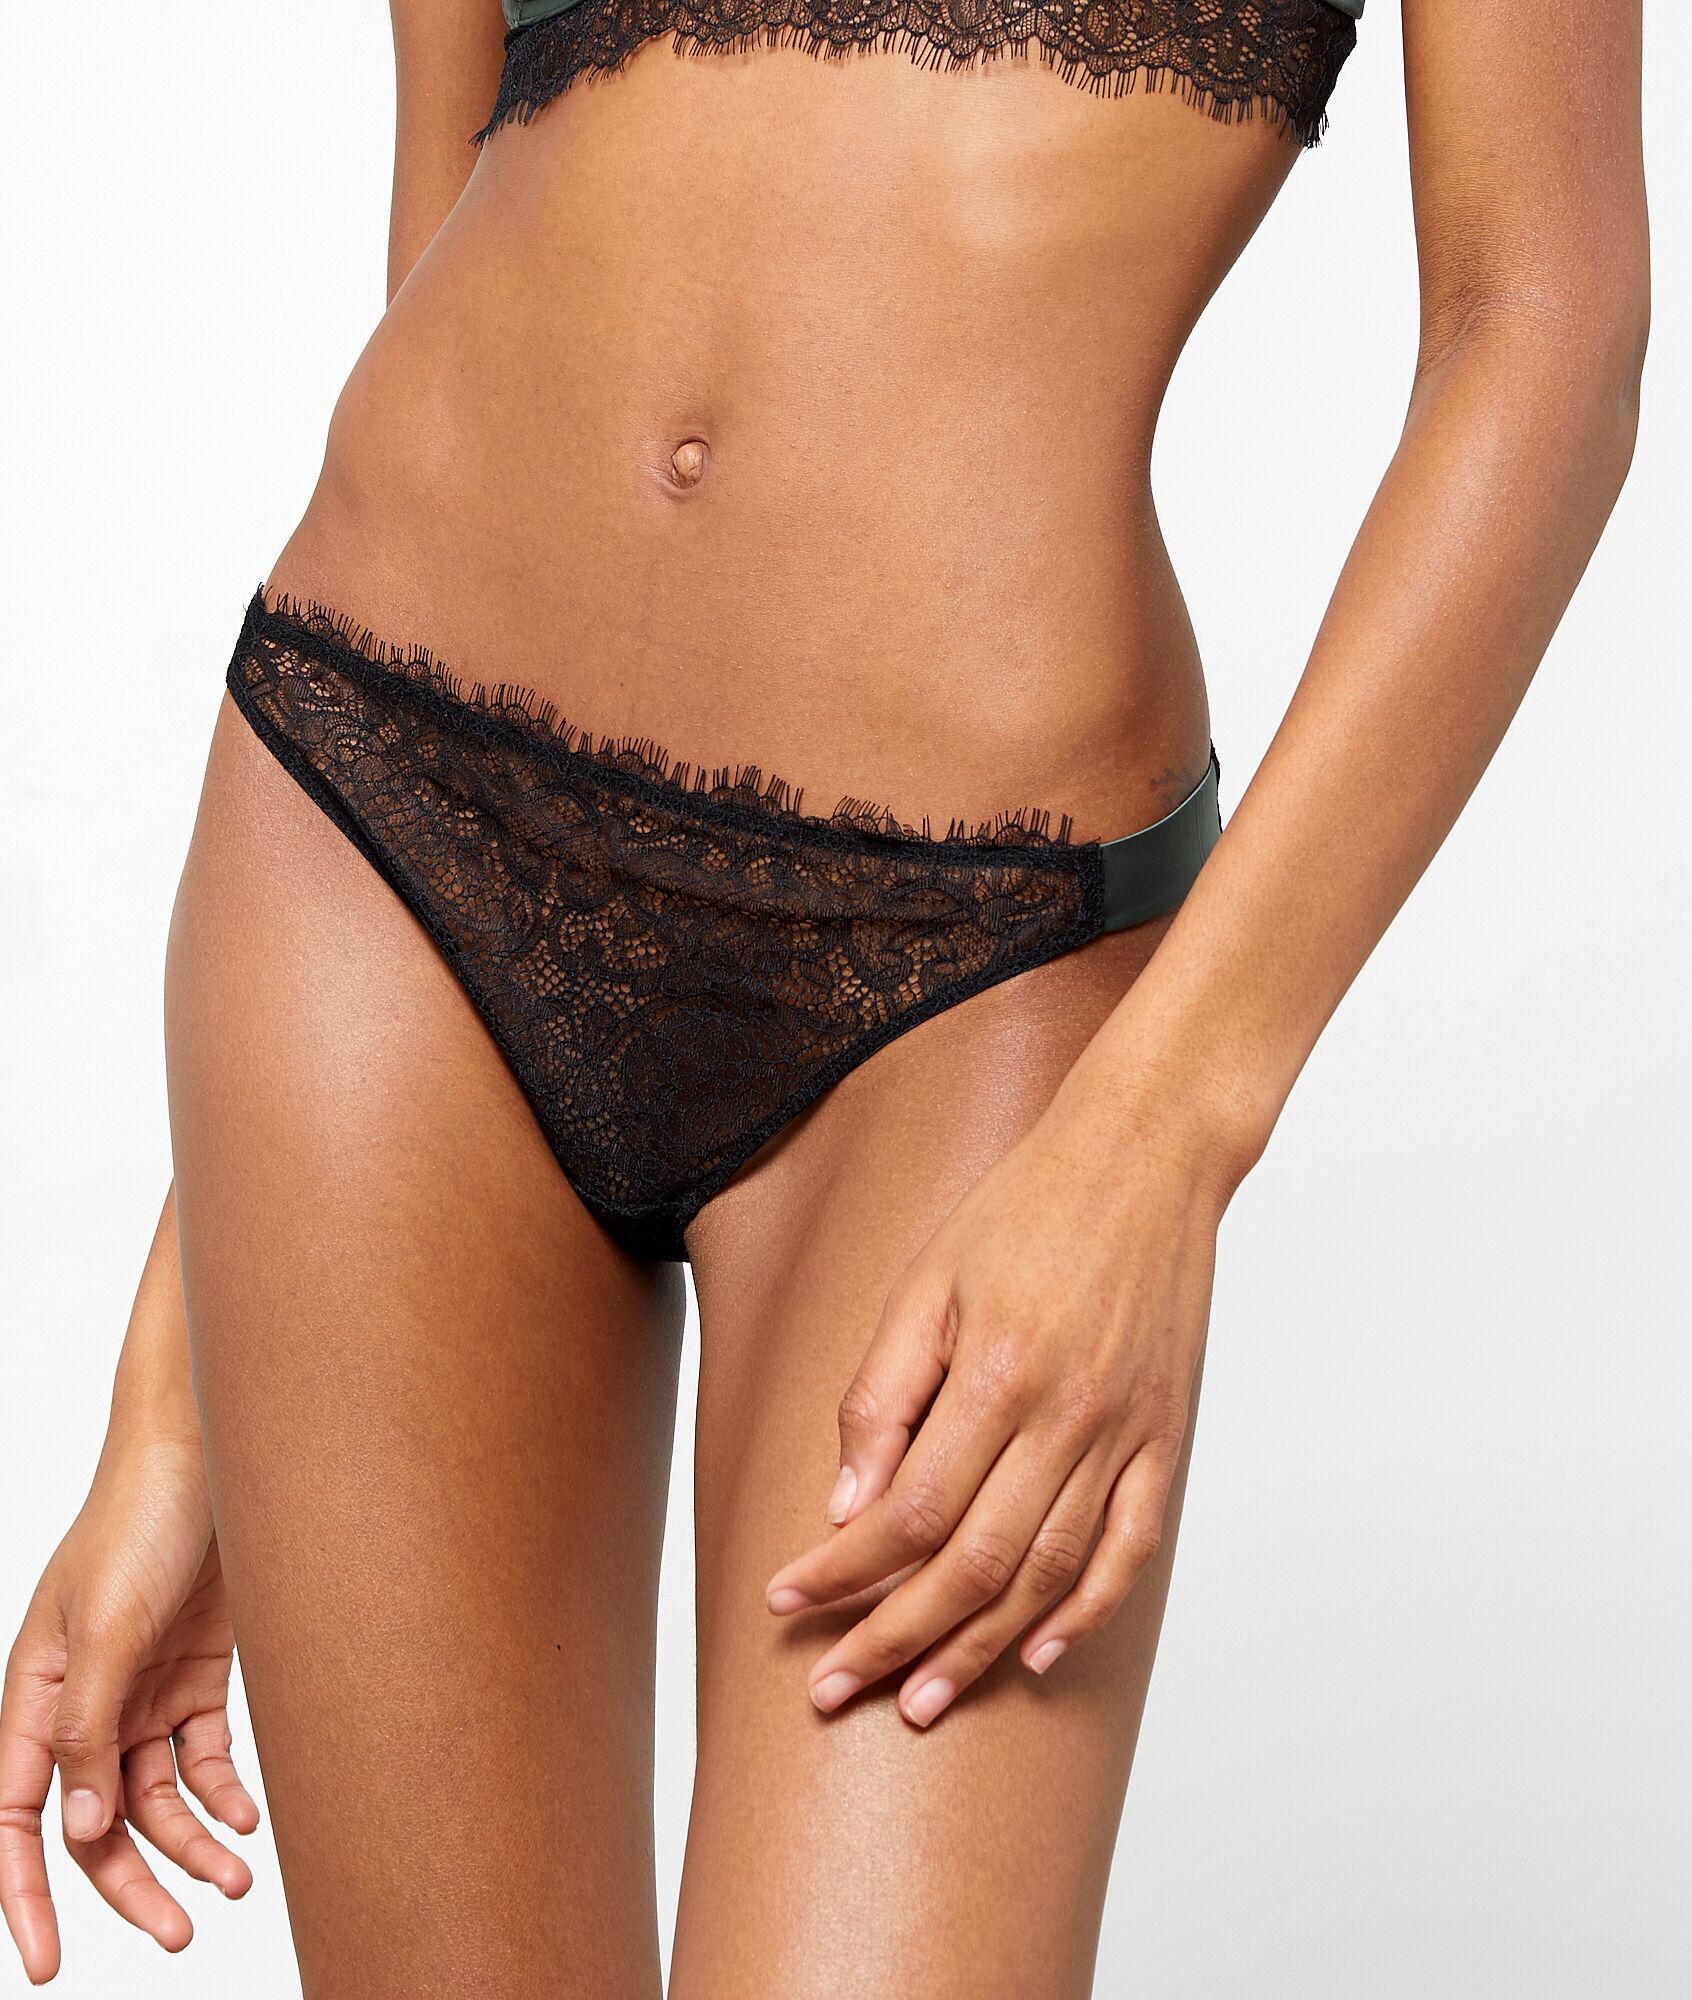 FEARLESS Majtki bikini z koronki, satynowe detale